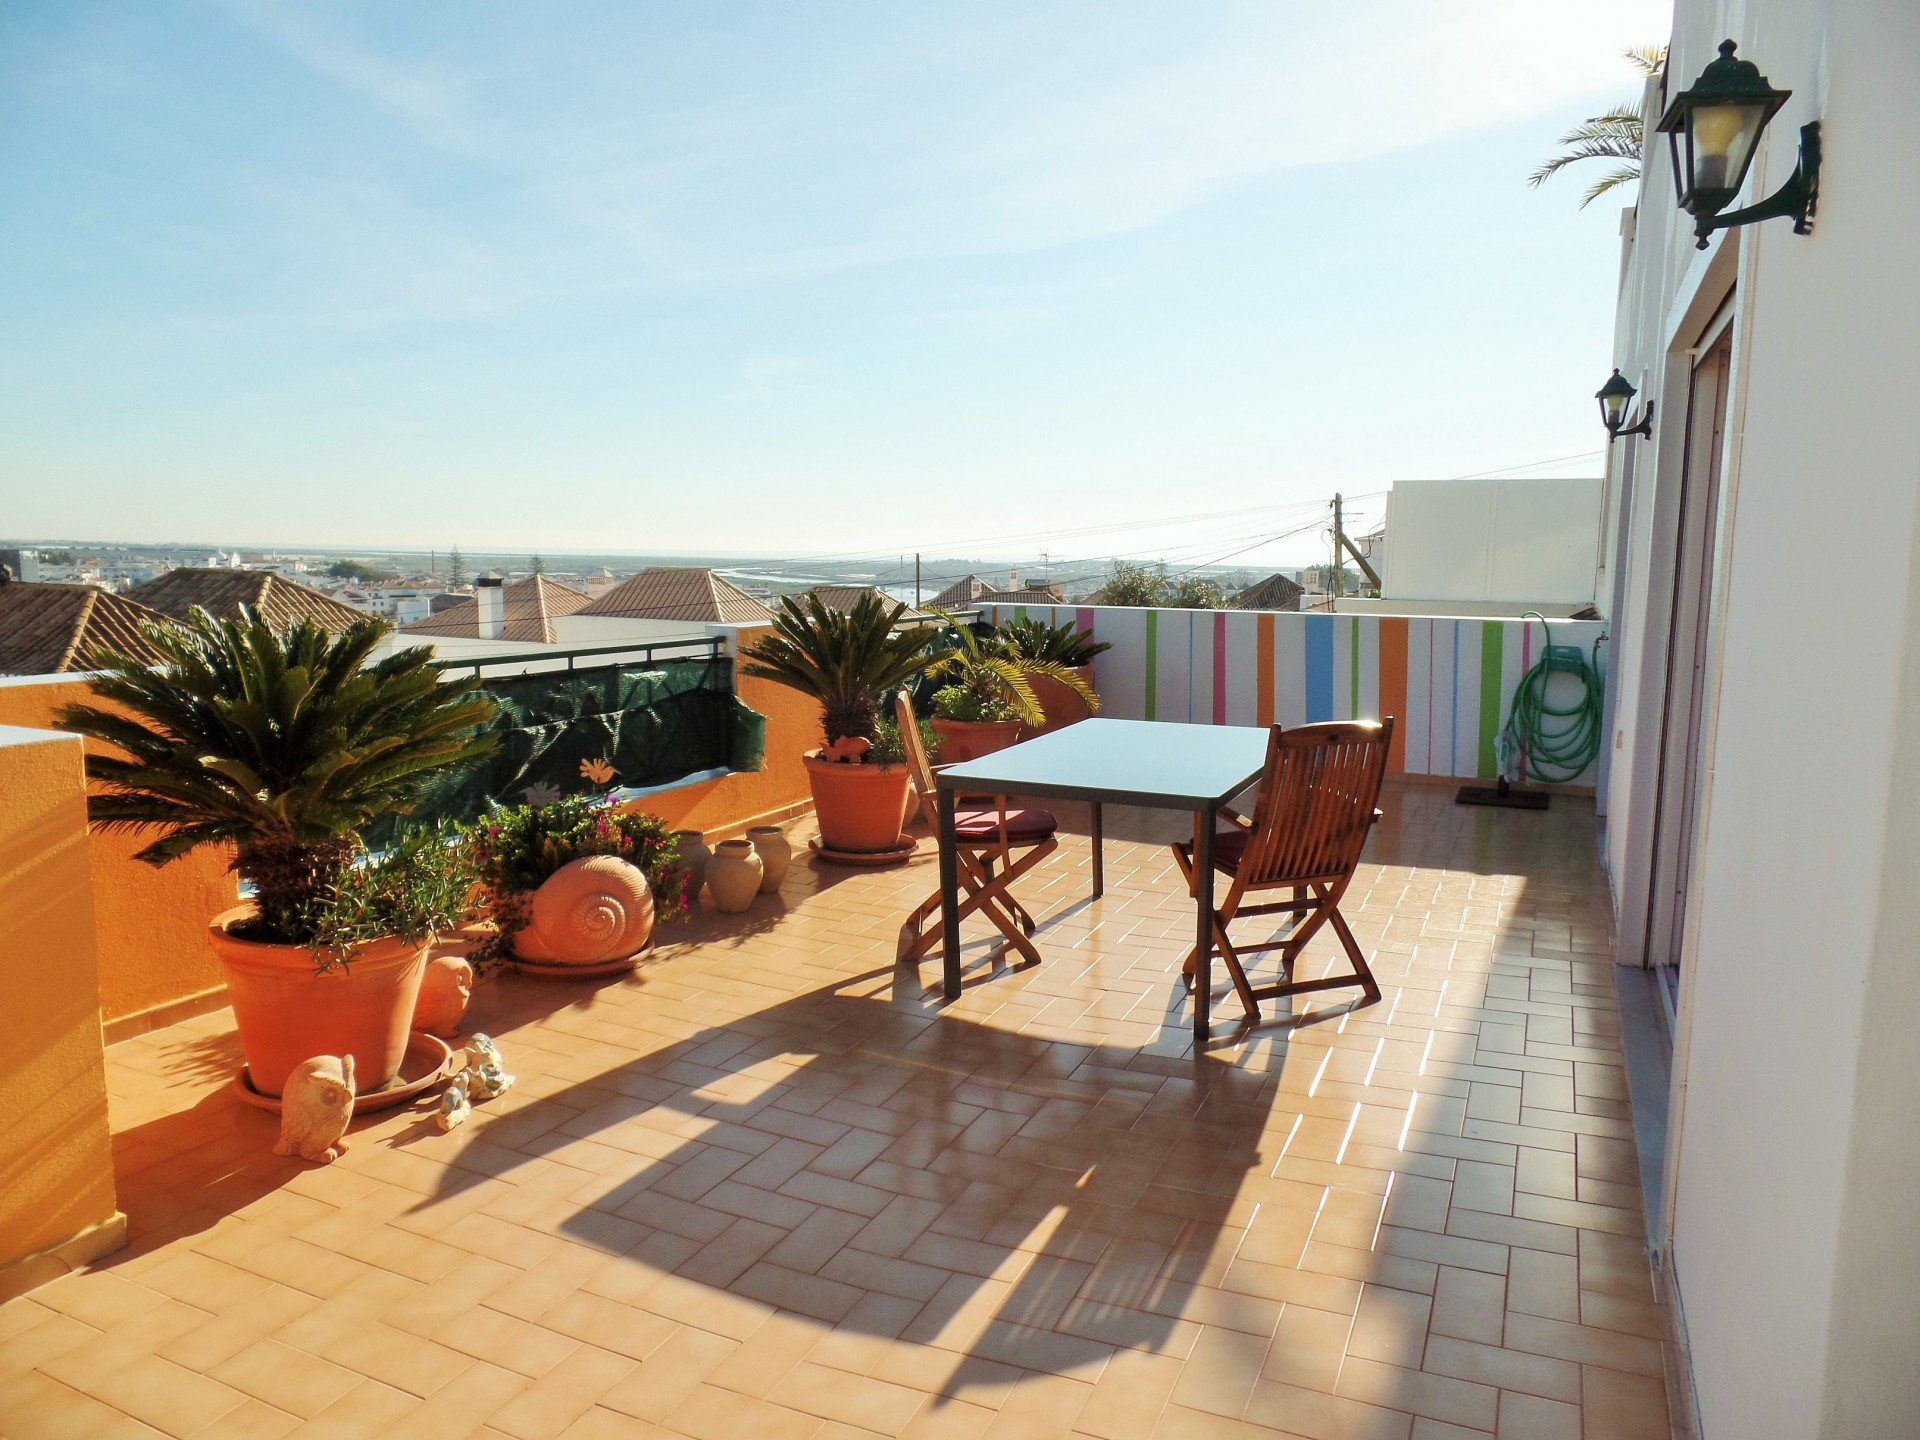 Magnifique penthouse avec terrasse et vue imprenable sur for Vue terrasse